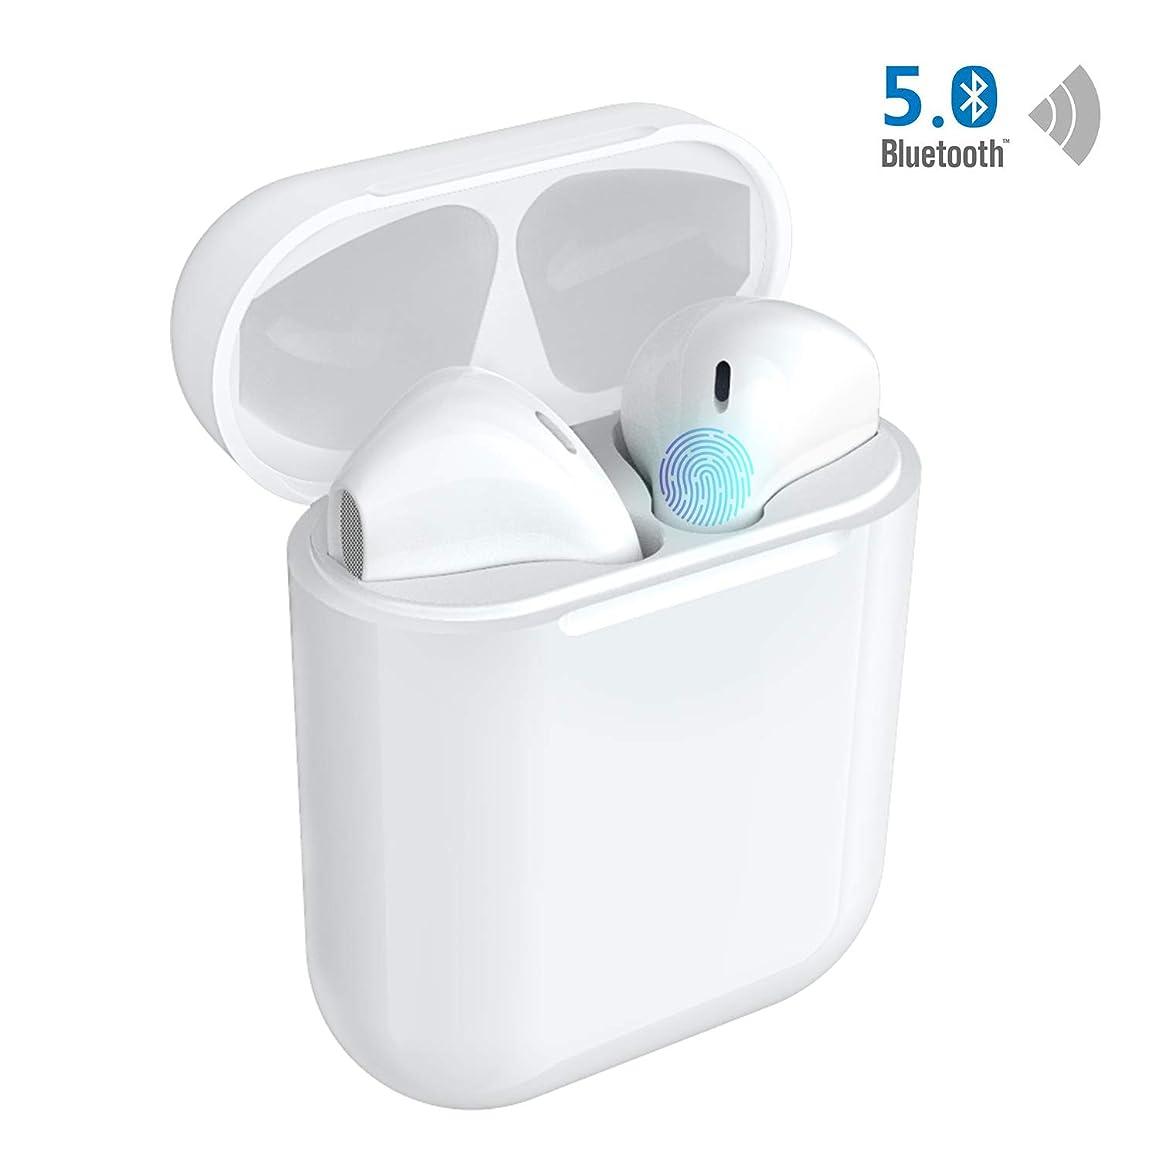 マリンシェルルール【最新版】Apple AirPods型 最新Bluetooth 5.0 ヘッドセット 完全 ワイヤレス イヤホン 高音質 超軽量 iPhone 用 防水?防汗対応 充電ケース付き 両耳通話 マイク内蔵 ブルートゥース イヤホン iPhone/IOS/Android対応 Siri対応 左右分離型 (白-X)